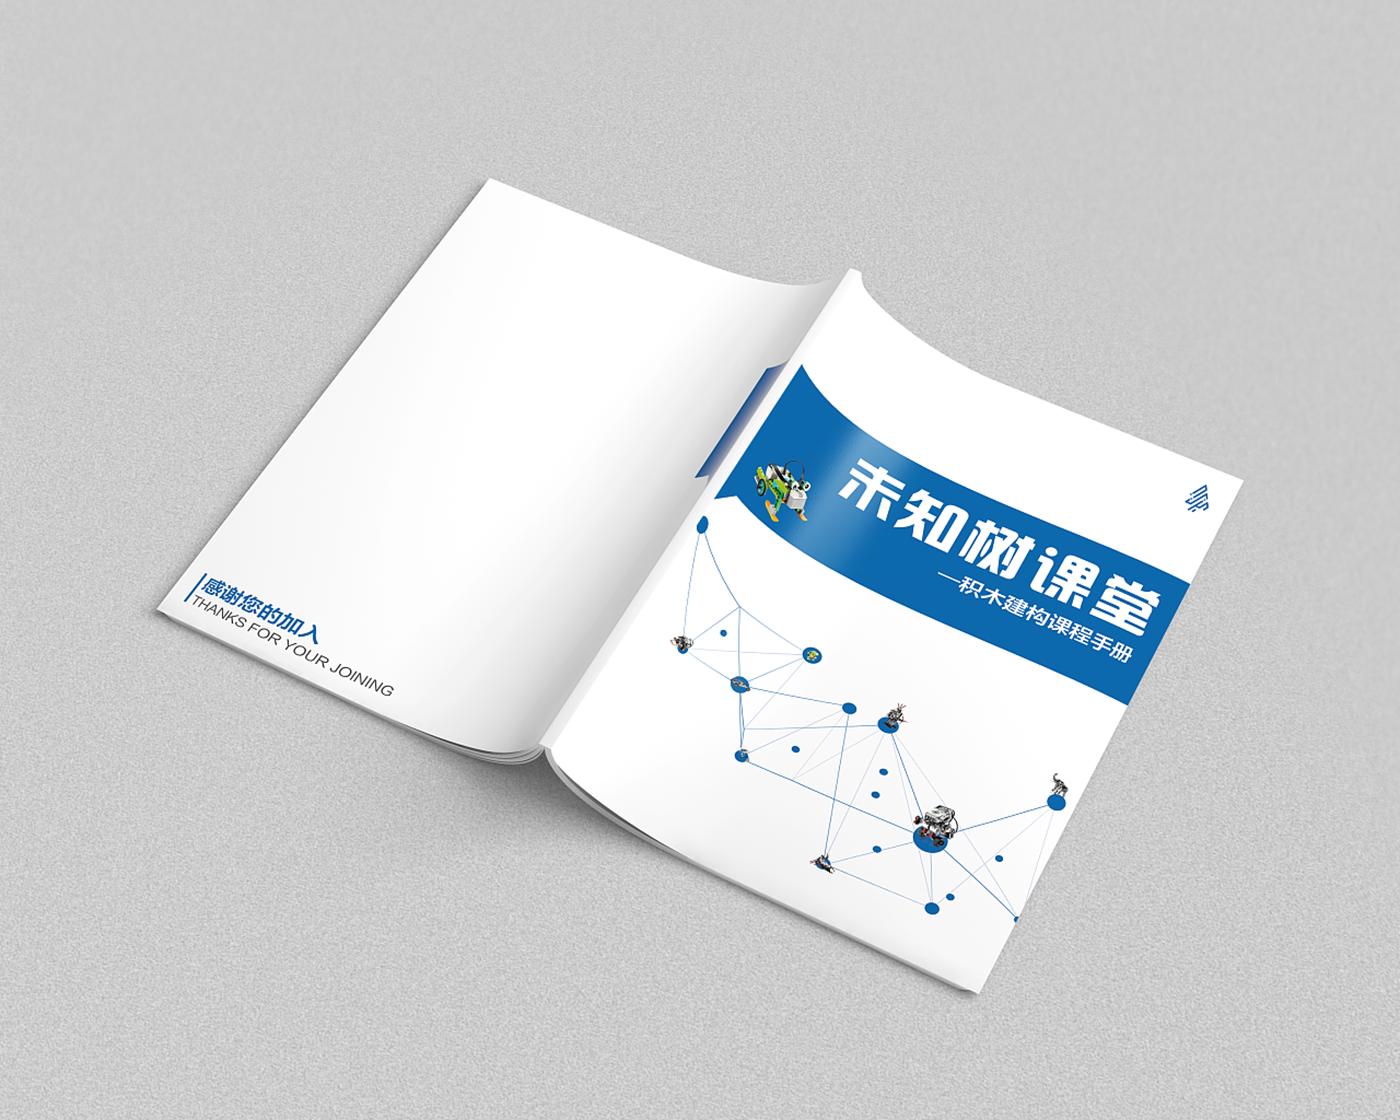 制作宣传册一般多少钱?20P画册设计多少钱?